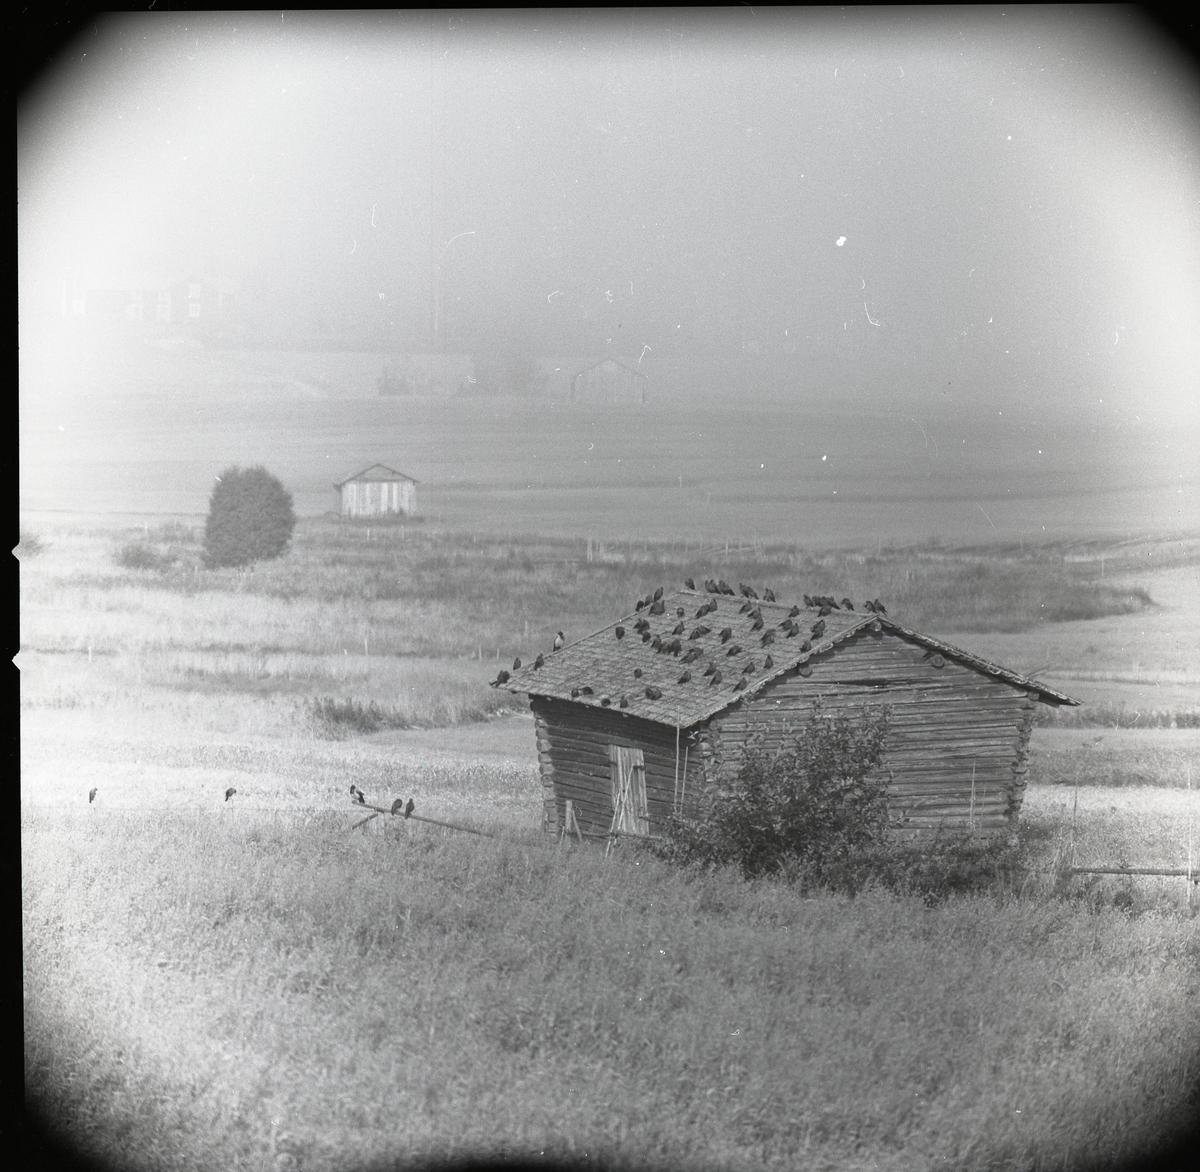 Ett stort antal kajor och kråkor sitter på ett ladutak i Glössbo i augusti 1957.